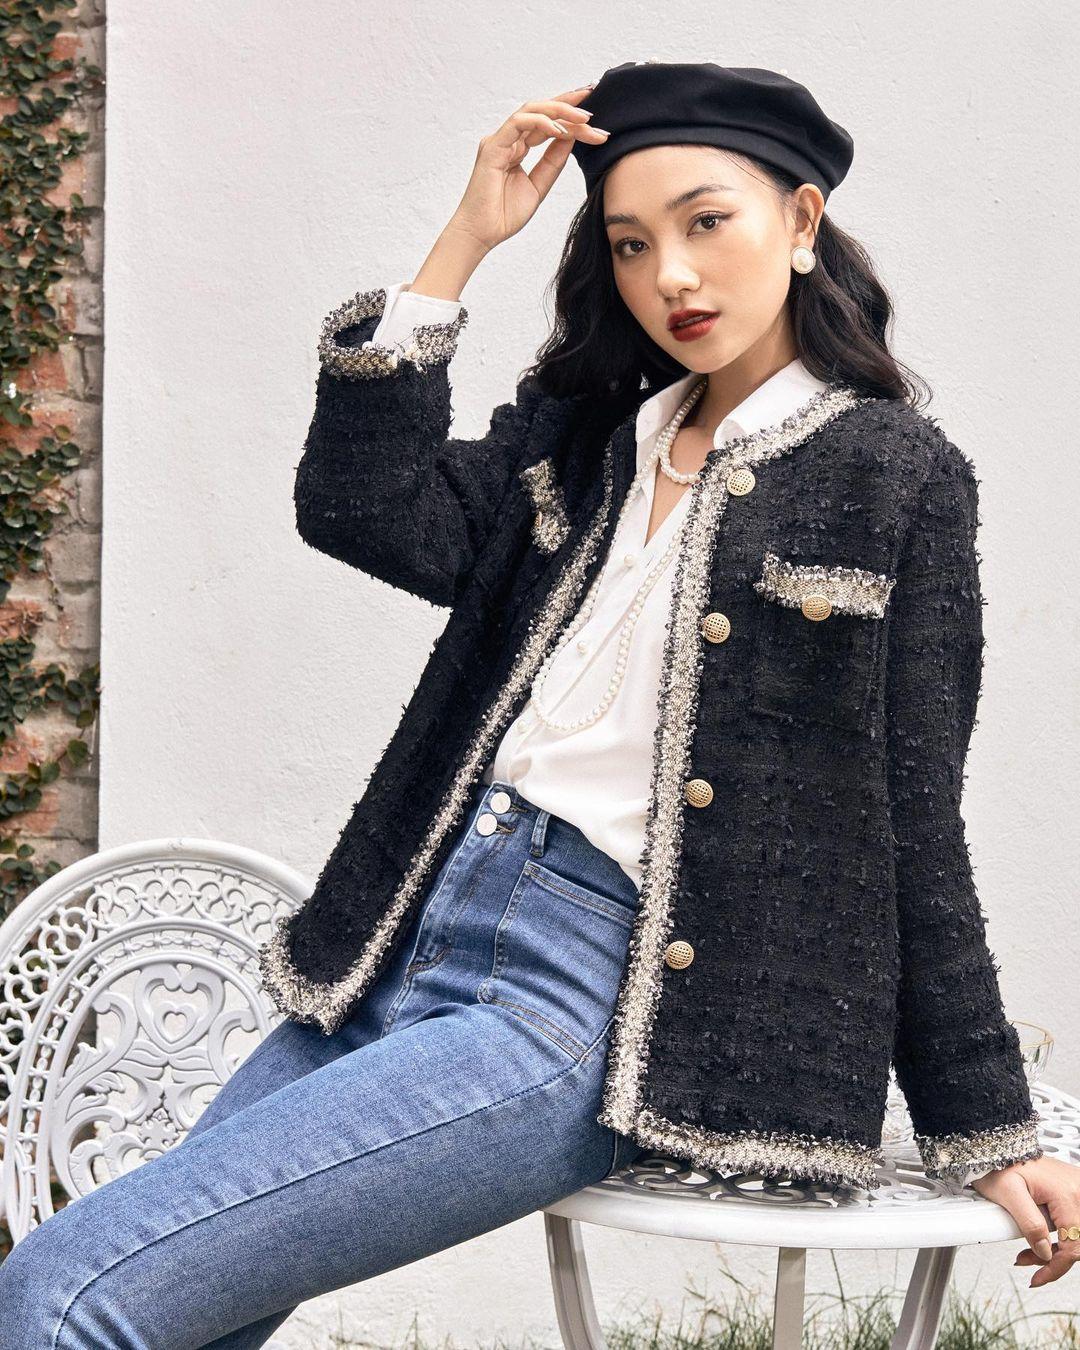 Công nương Kate chỉ ra kiểu áo khoác sang chảnh bất chấp thời gian, đã thế còn cực dễ mặc và tôn dáng đỉnh cao - Ảnh 6.